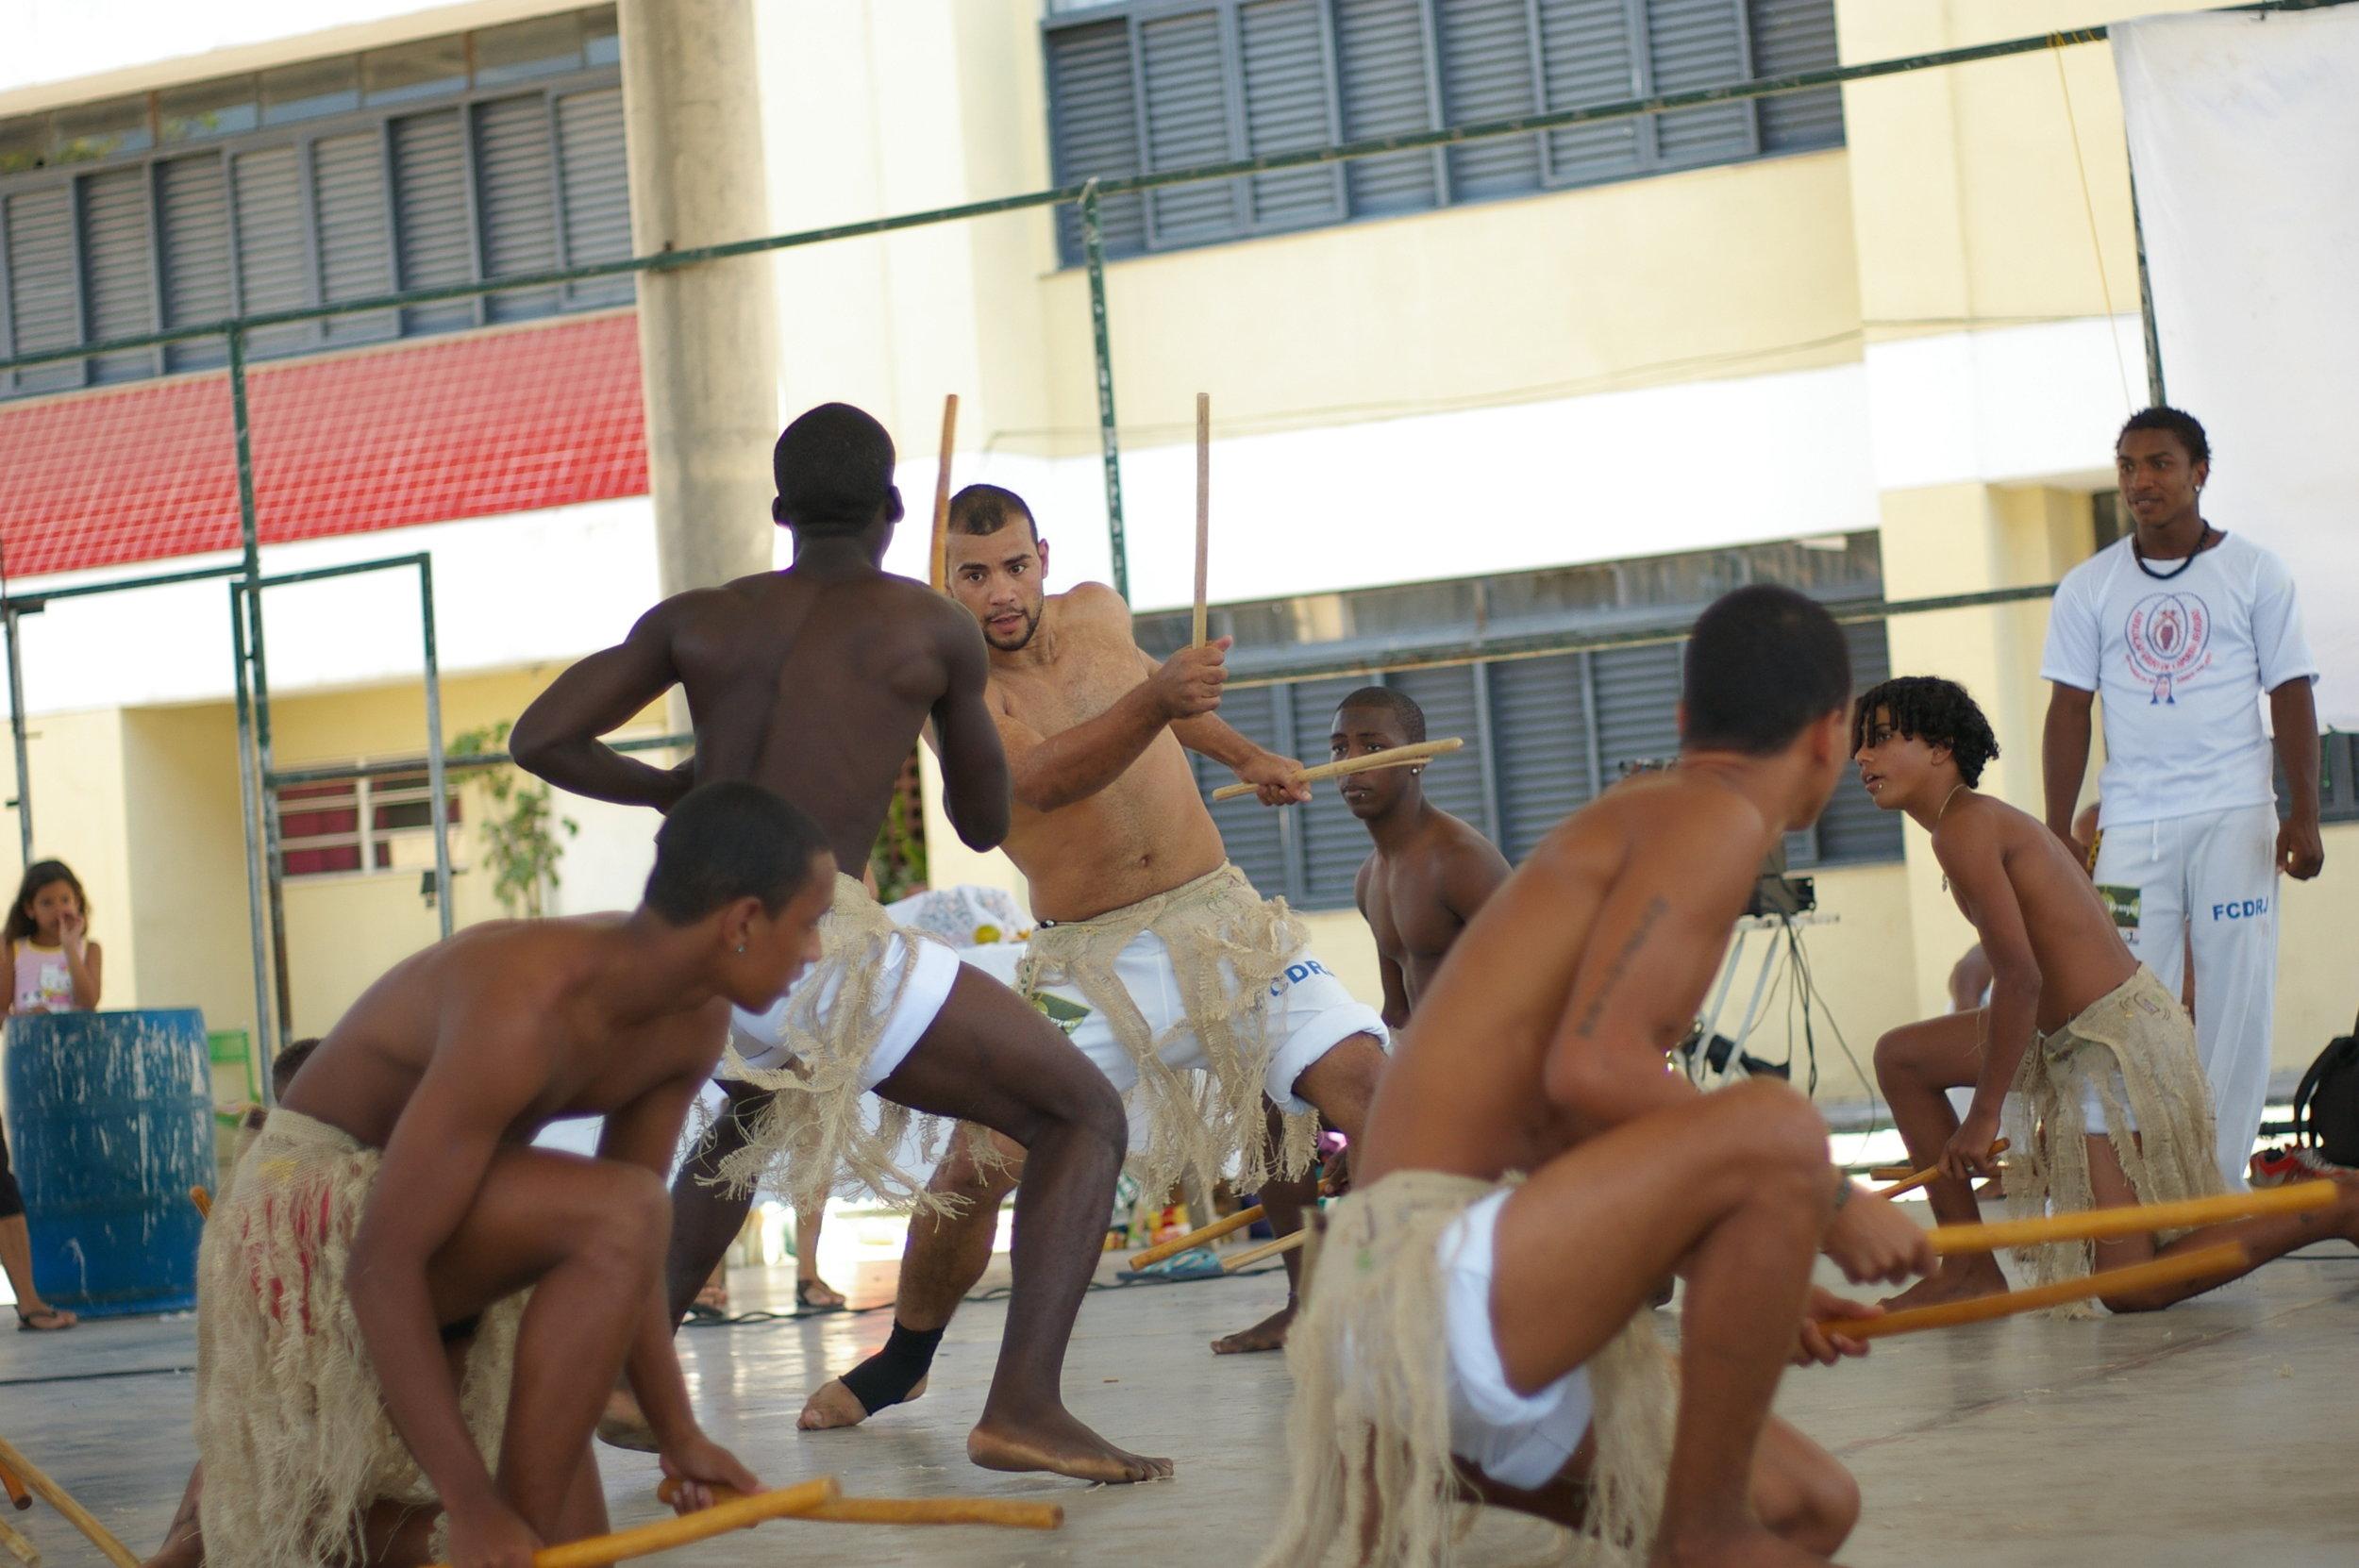 Maculelê - Capoeira Besouro - Rio de Janeiro, Brazil - 2009